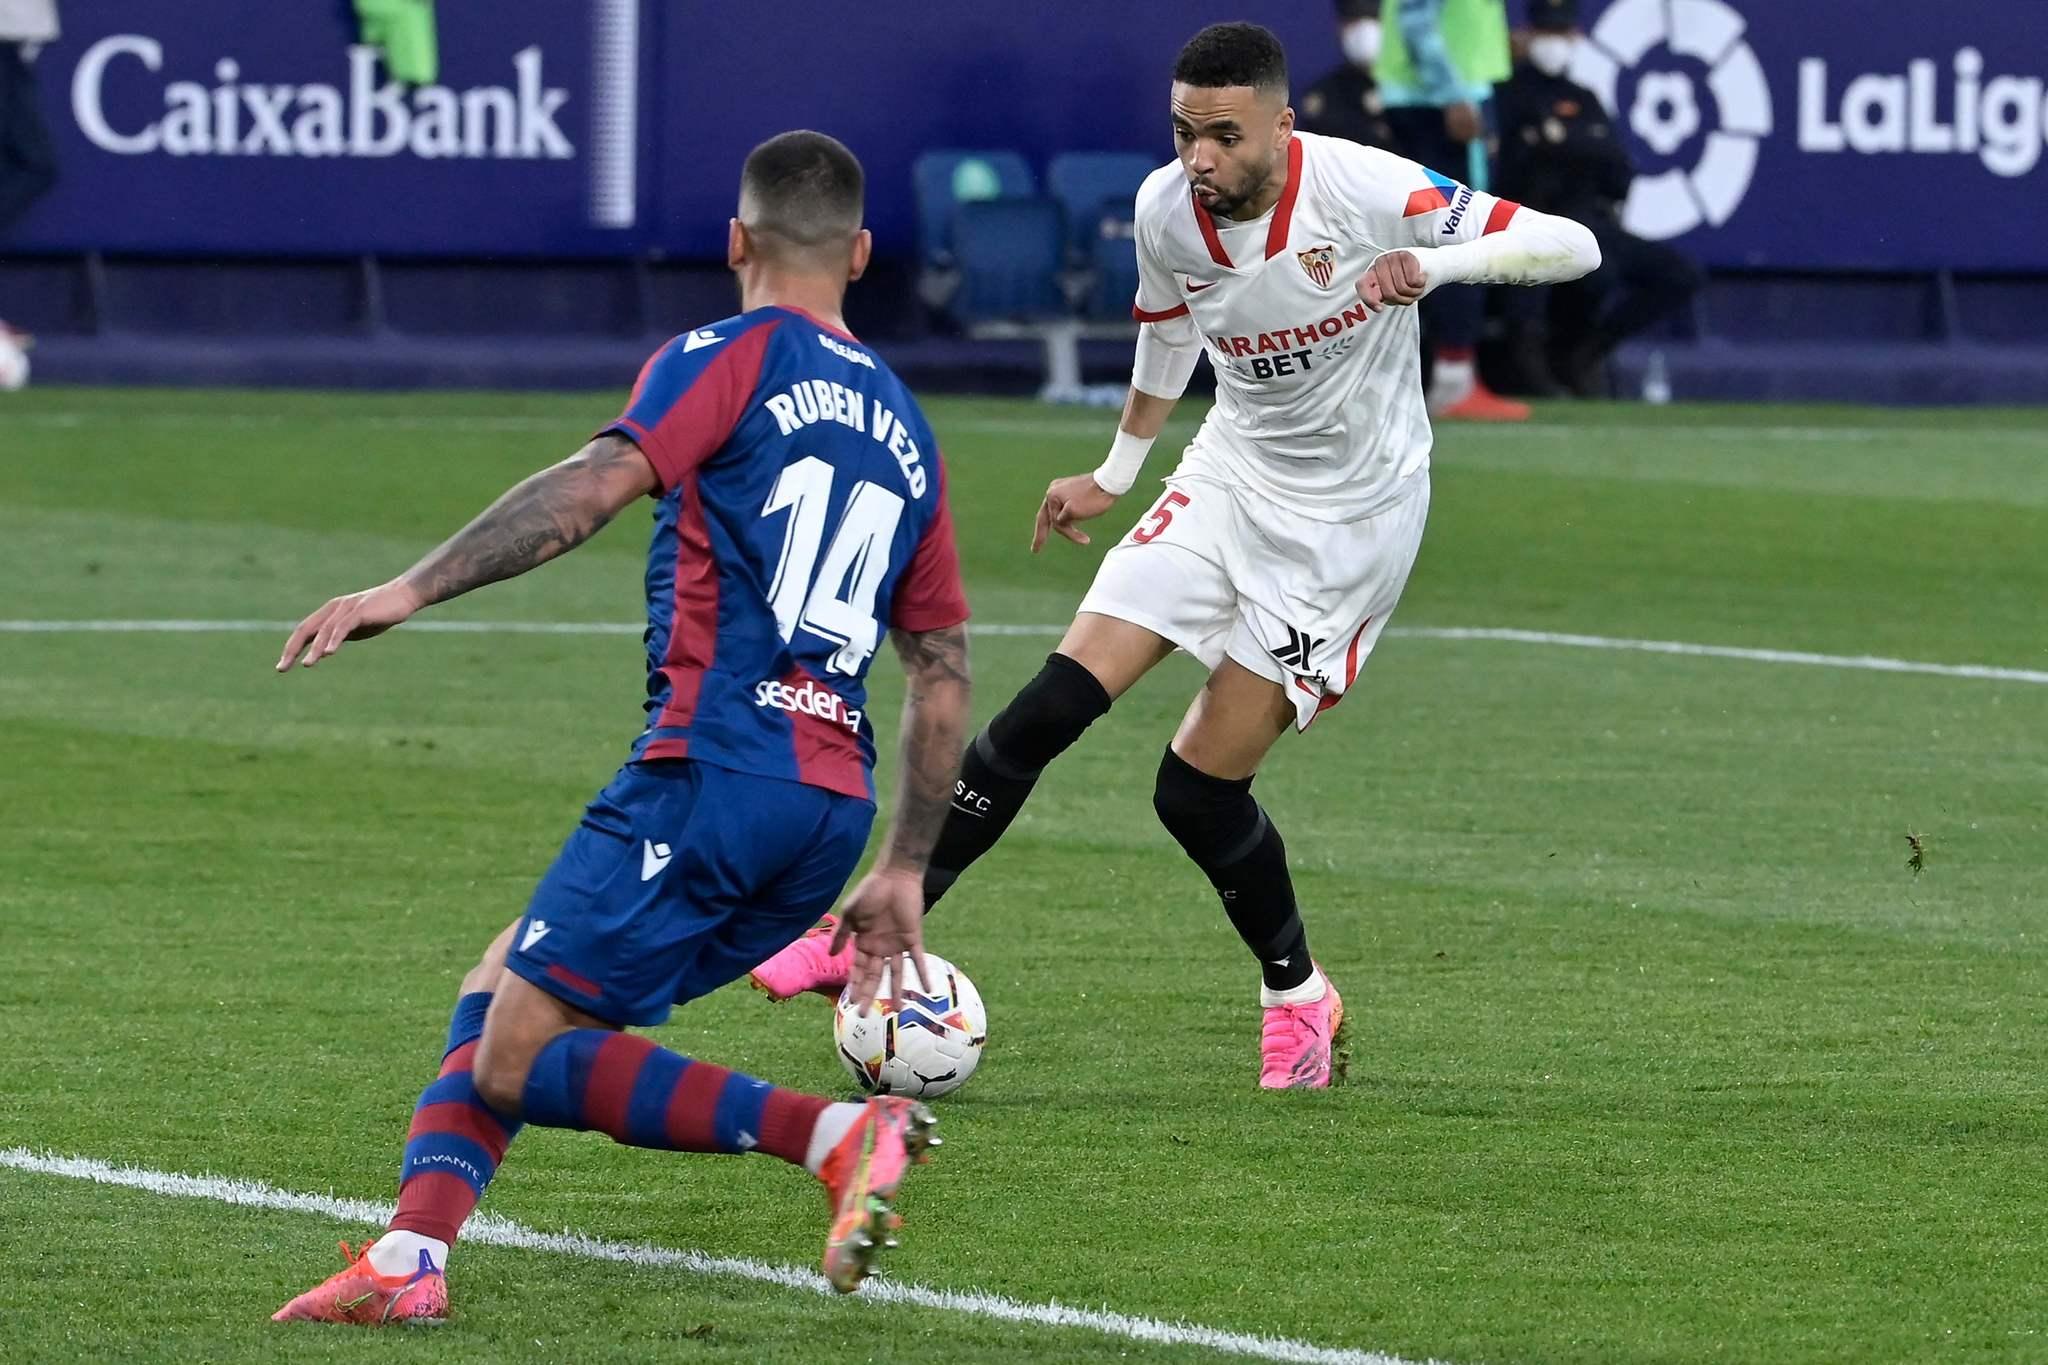 En-Nesyri encara a Vezo en la jugada del gol del Sevilla.